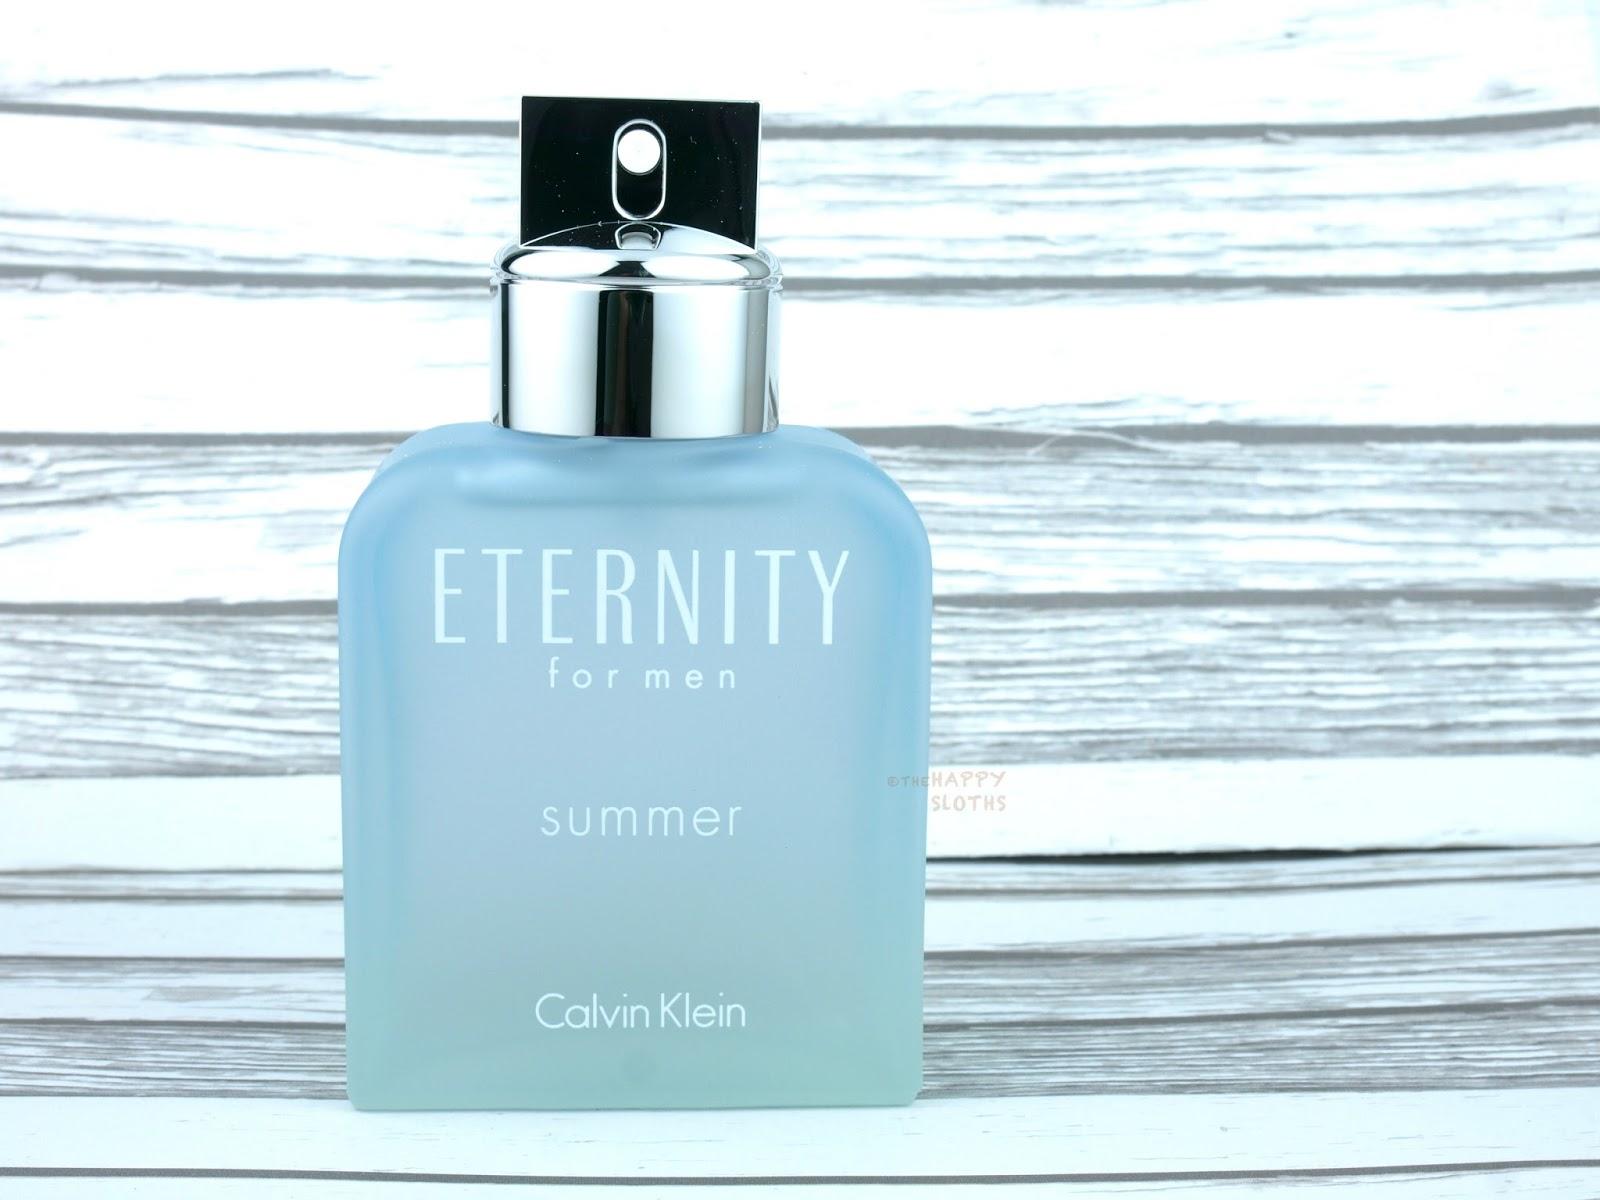 Calvin Klein Eternity Summer 2016 Collection  Review  e80288d9a02